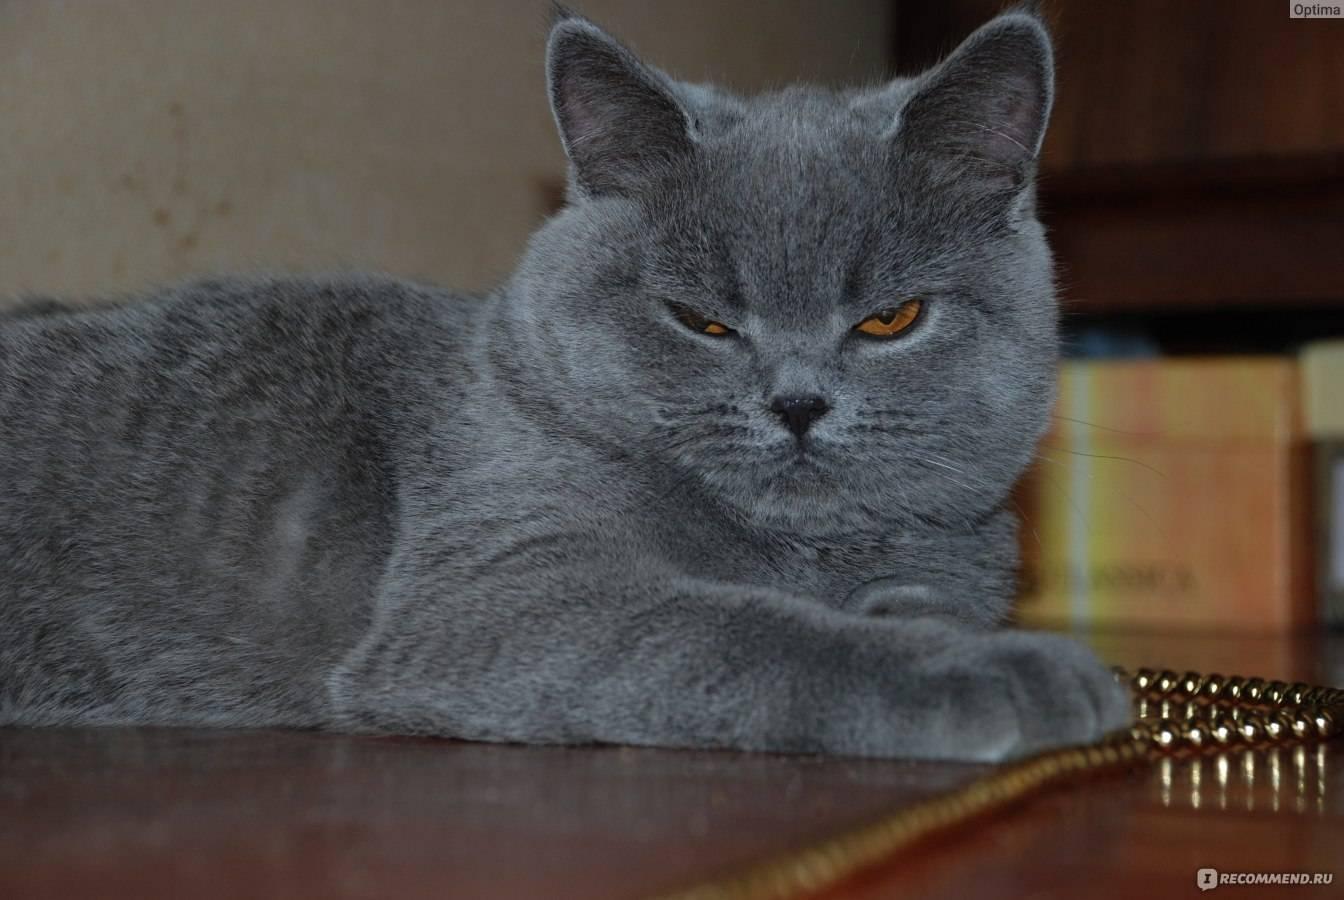 Клички для котов британцев: примеры интересных имен